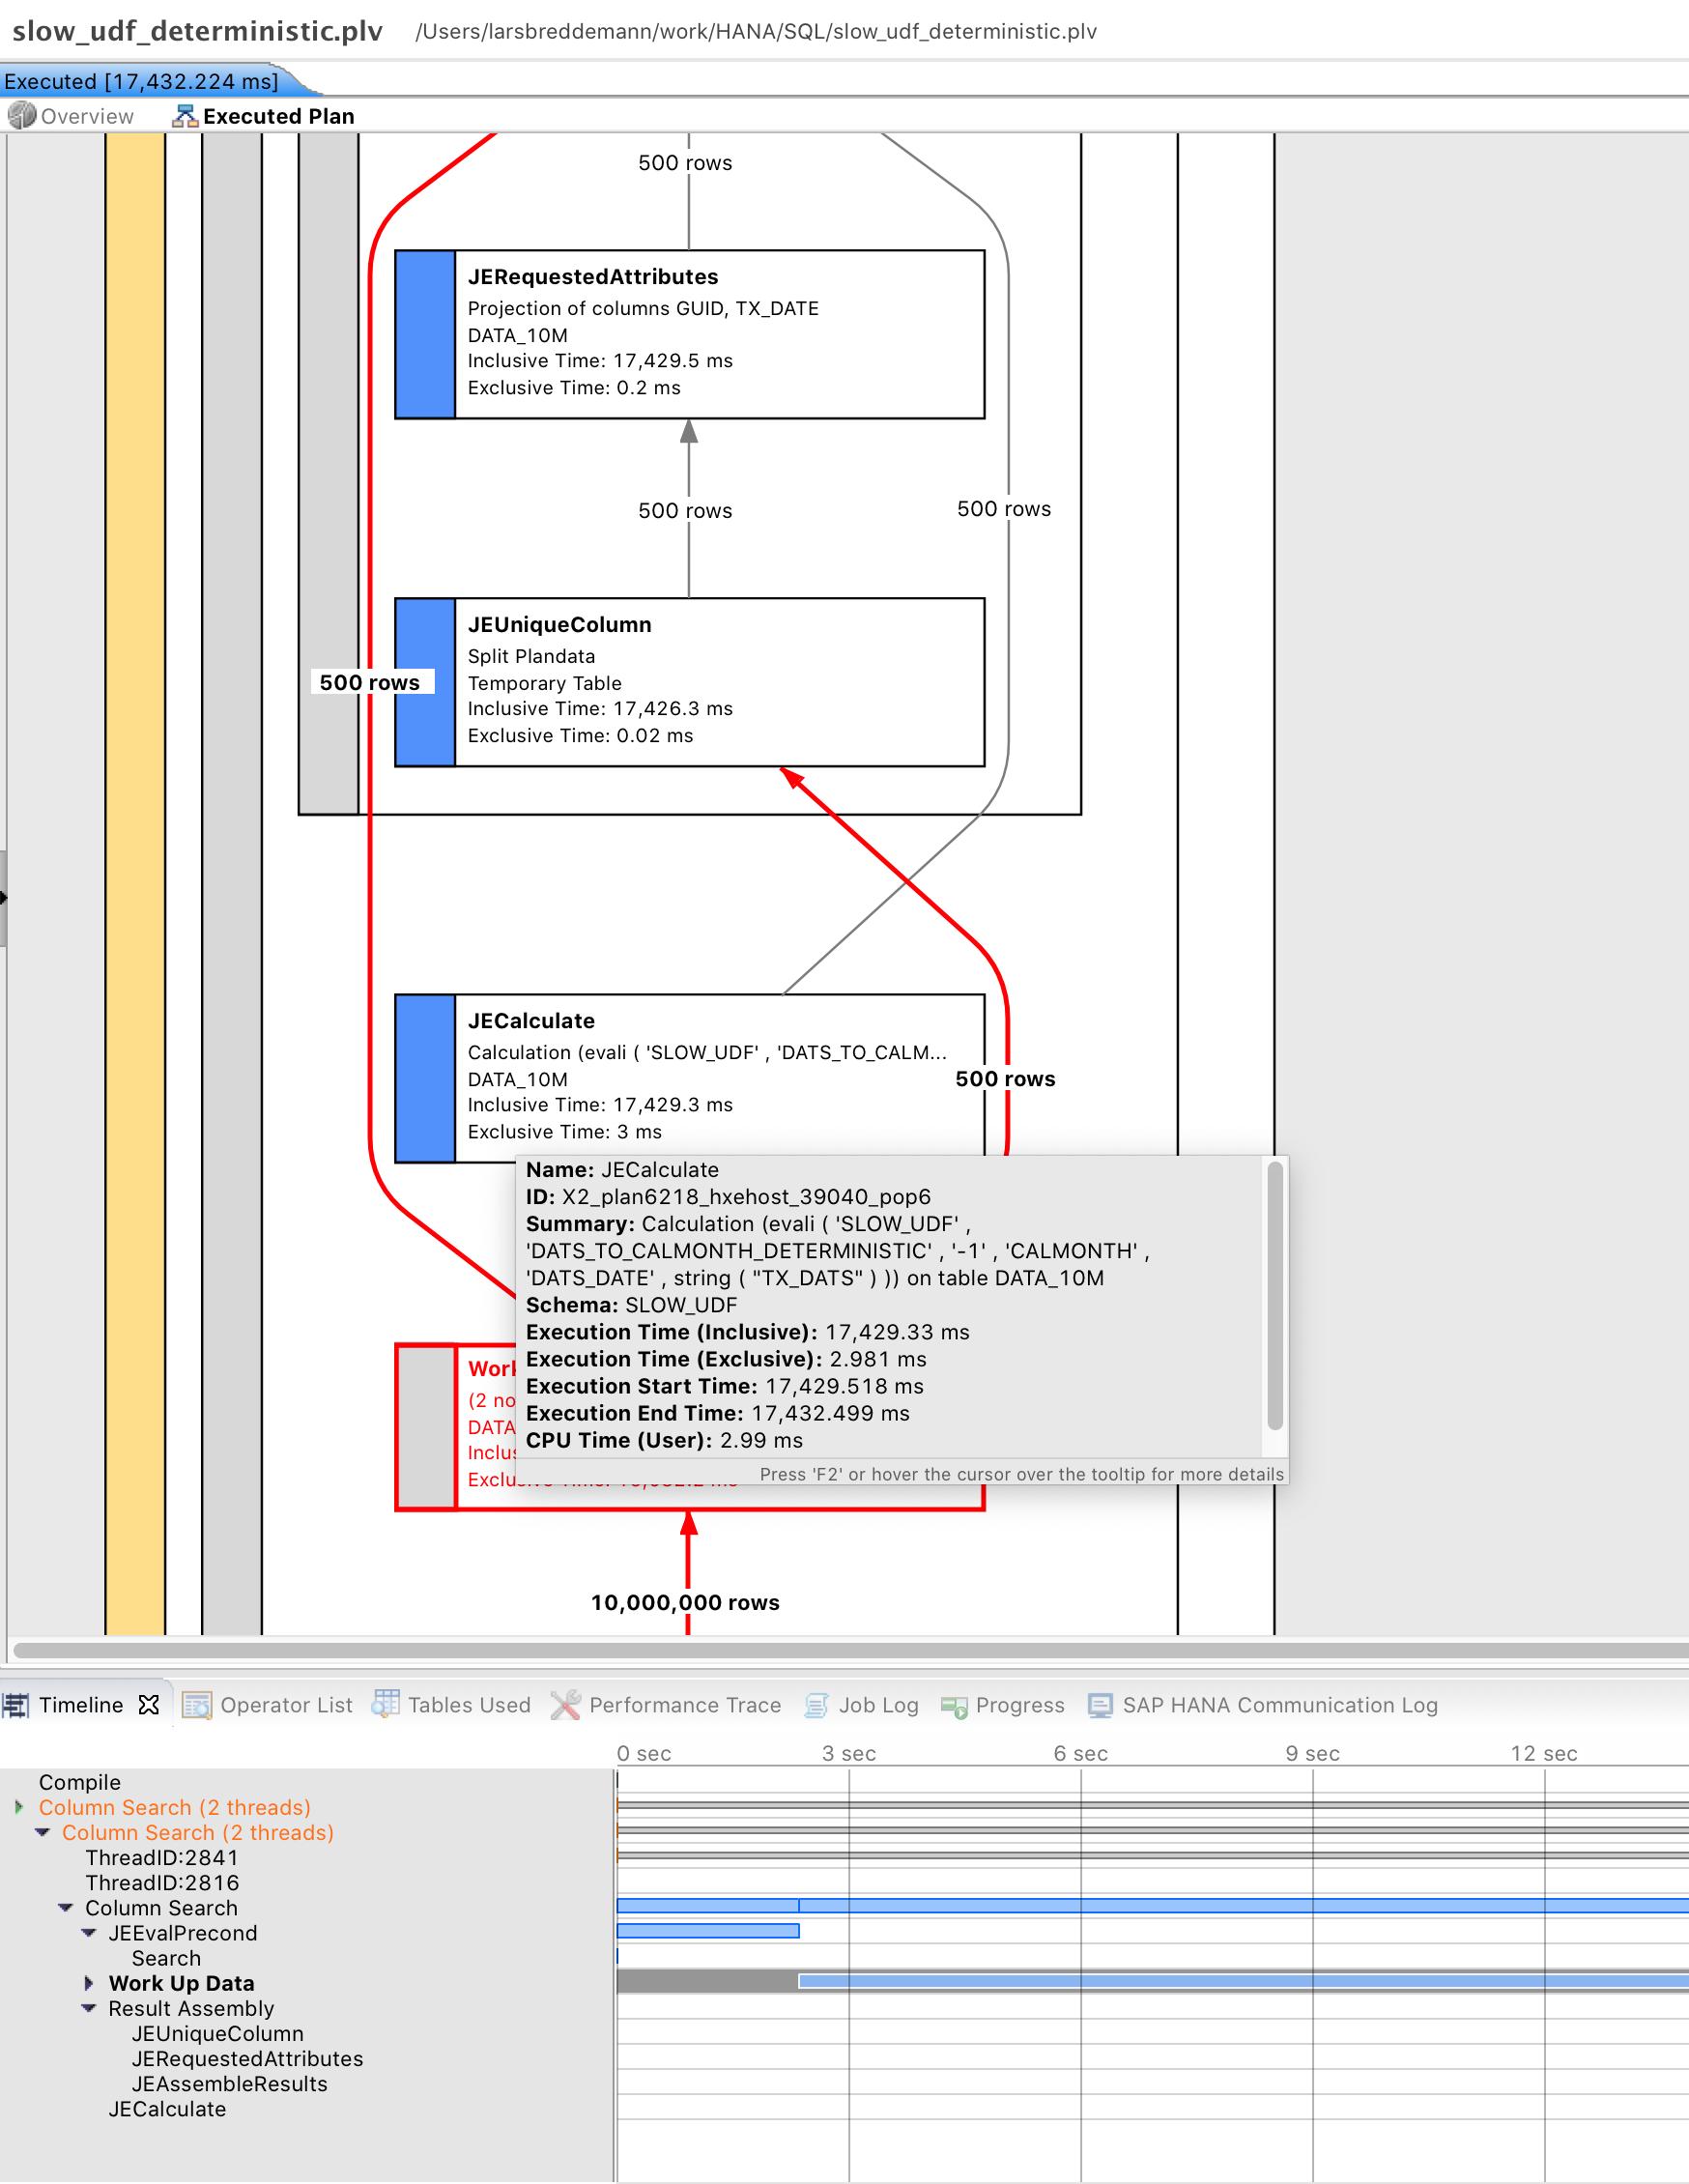 PlanViz for deterministic UDF version.